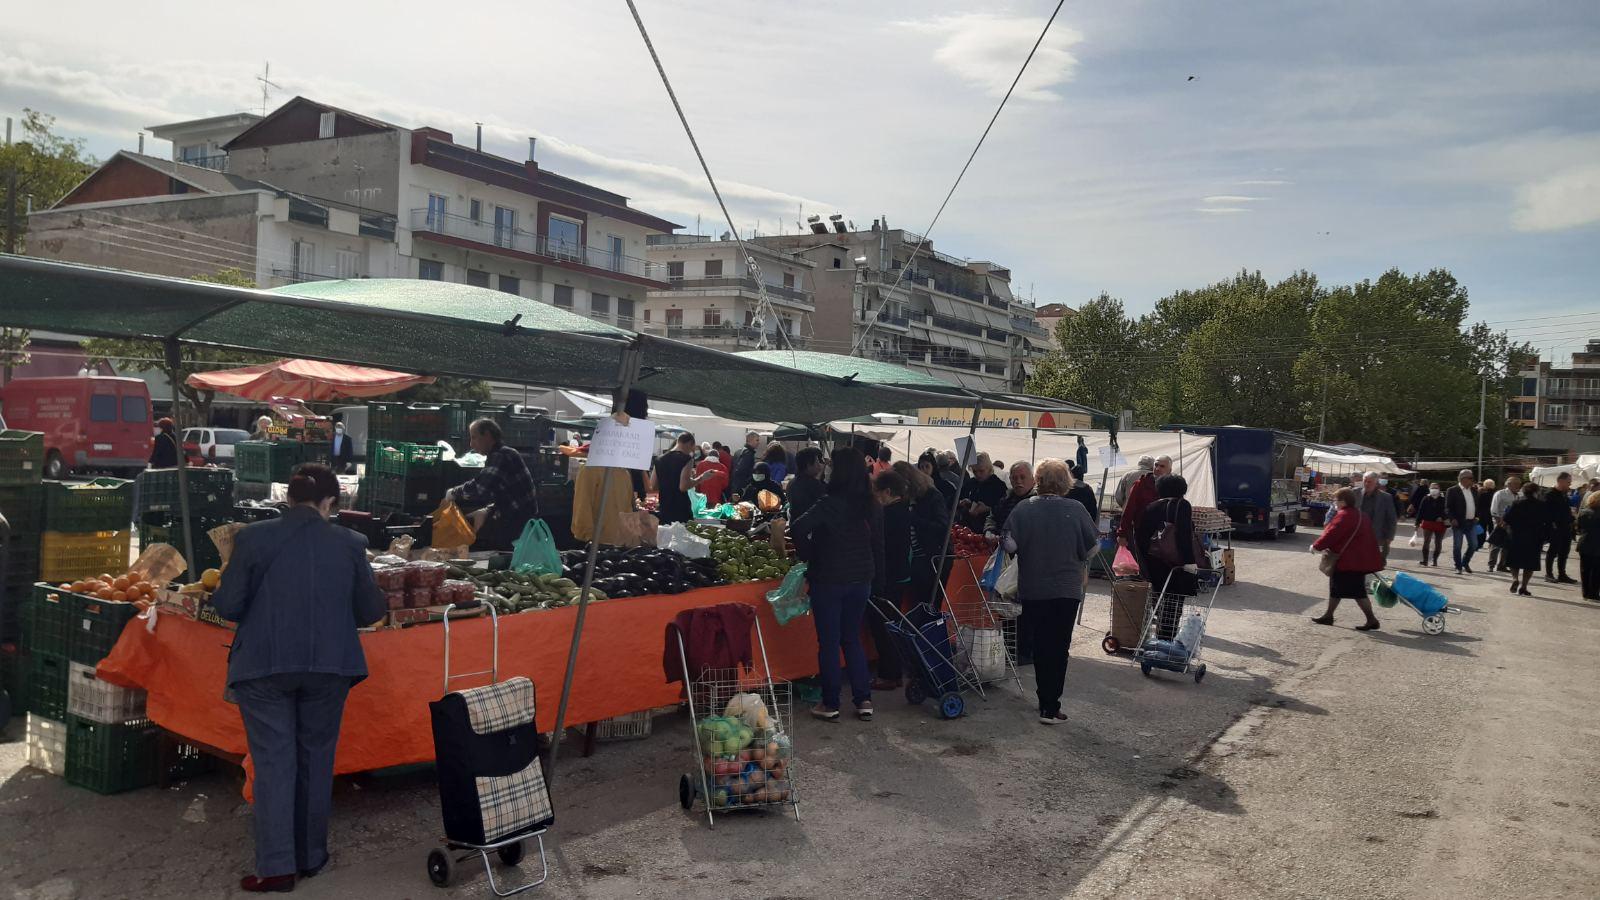 Ενημέρωση για την λειτουργία της λαϊκής αγοράς Πτολεμαΐδας 23-9  – ΥΠΟΧΡΕΩΤΙΚΗ η χρήση μη ιατρικής μάσκας από το προσωπικό των πωλητών και τους καταναλωτές / κοινό